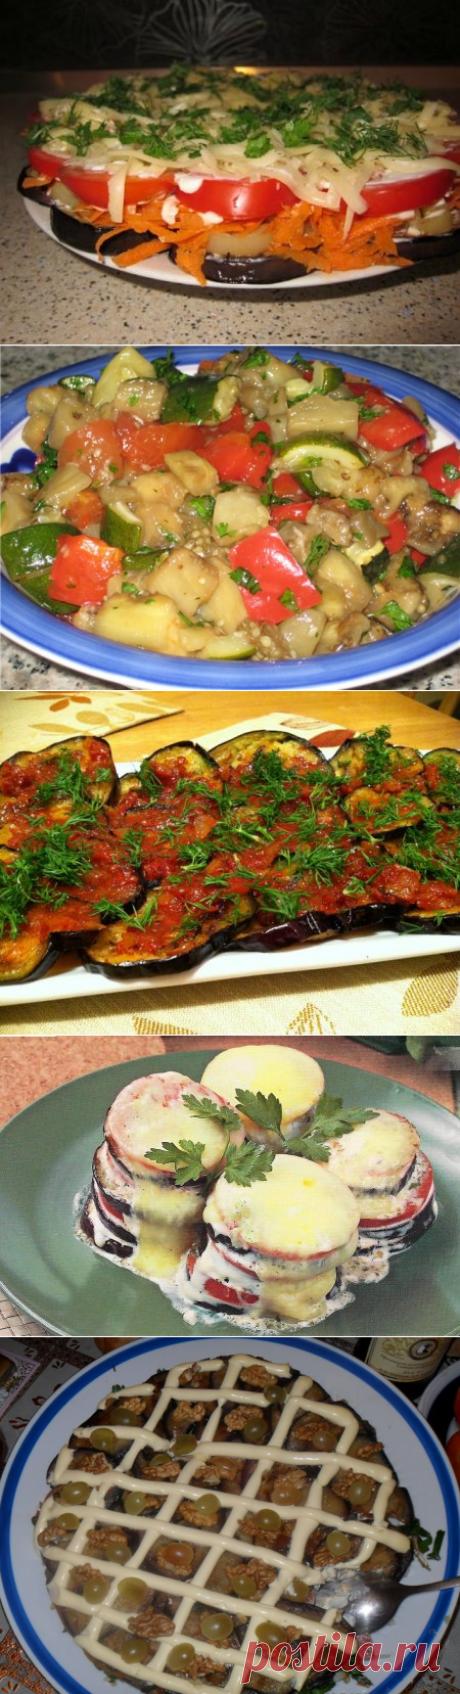 Блюда из баклажан - лучшие рецепты приготовления.